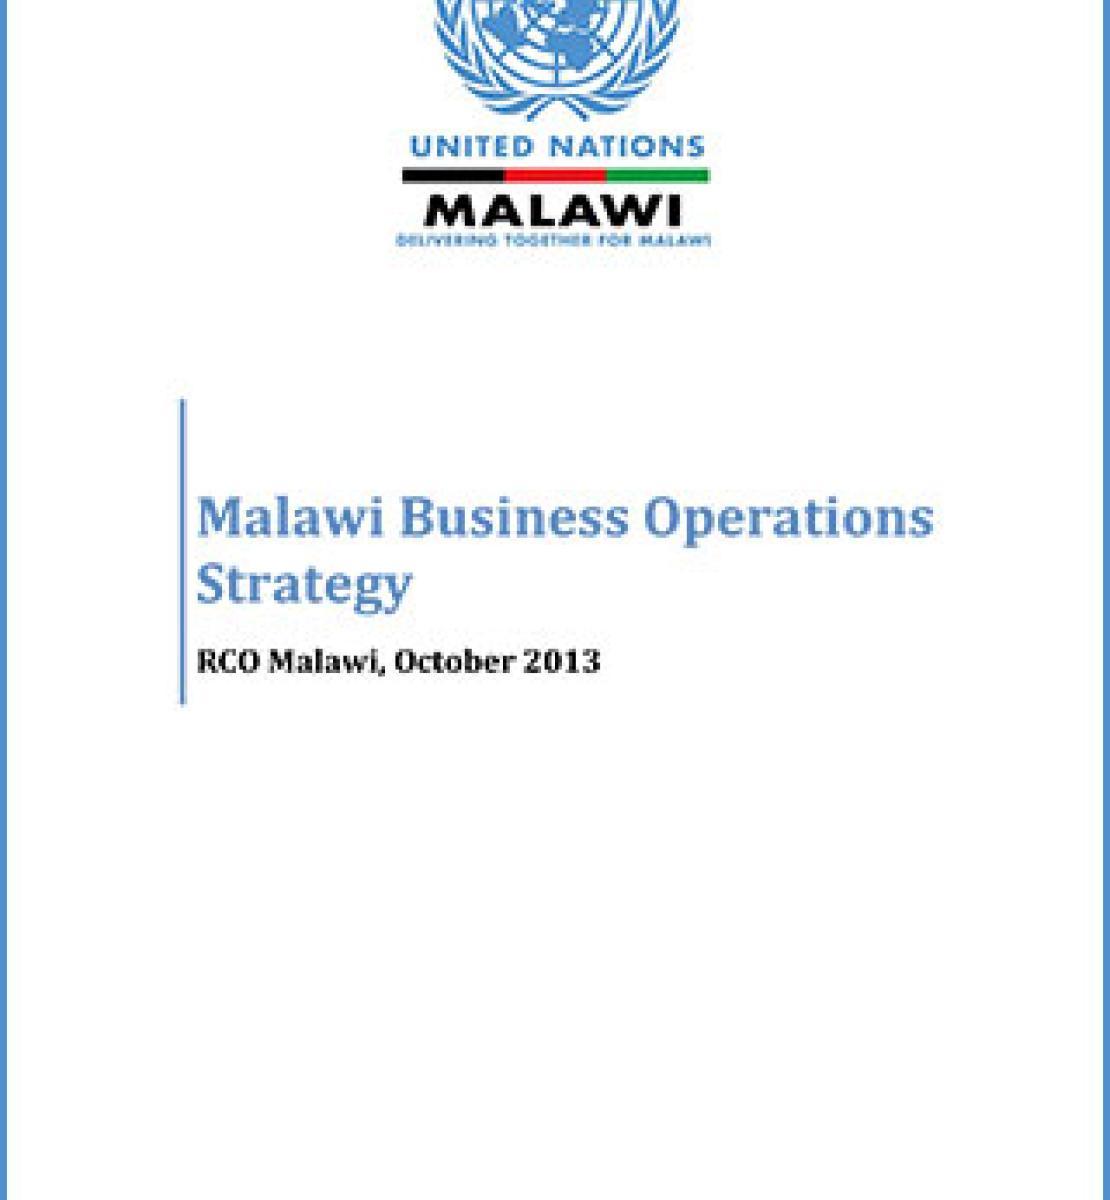 Estrategia de Operaciones Institucionales de la ONU para Malawi 2013-2017